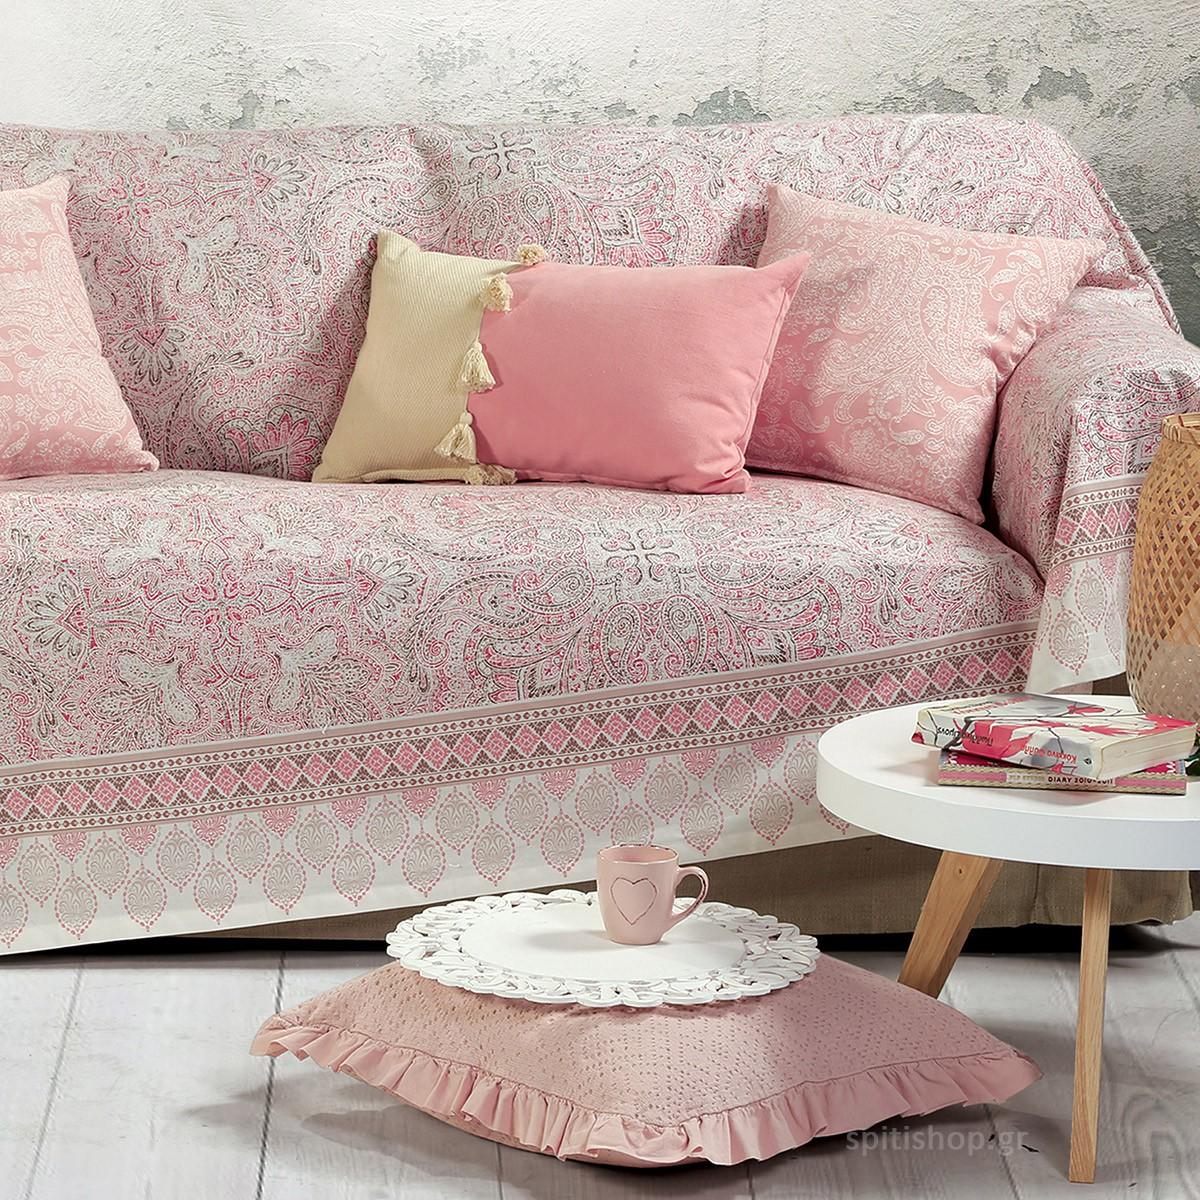 Ριχτάρι Πολυθρόνας (250×180) Nef-Nef Bed&Sofa Attivo Coral